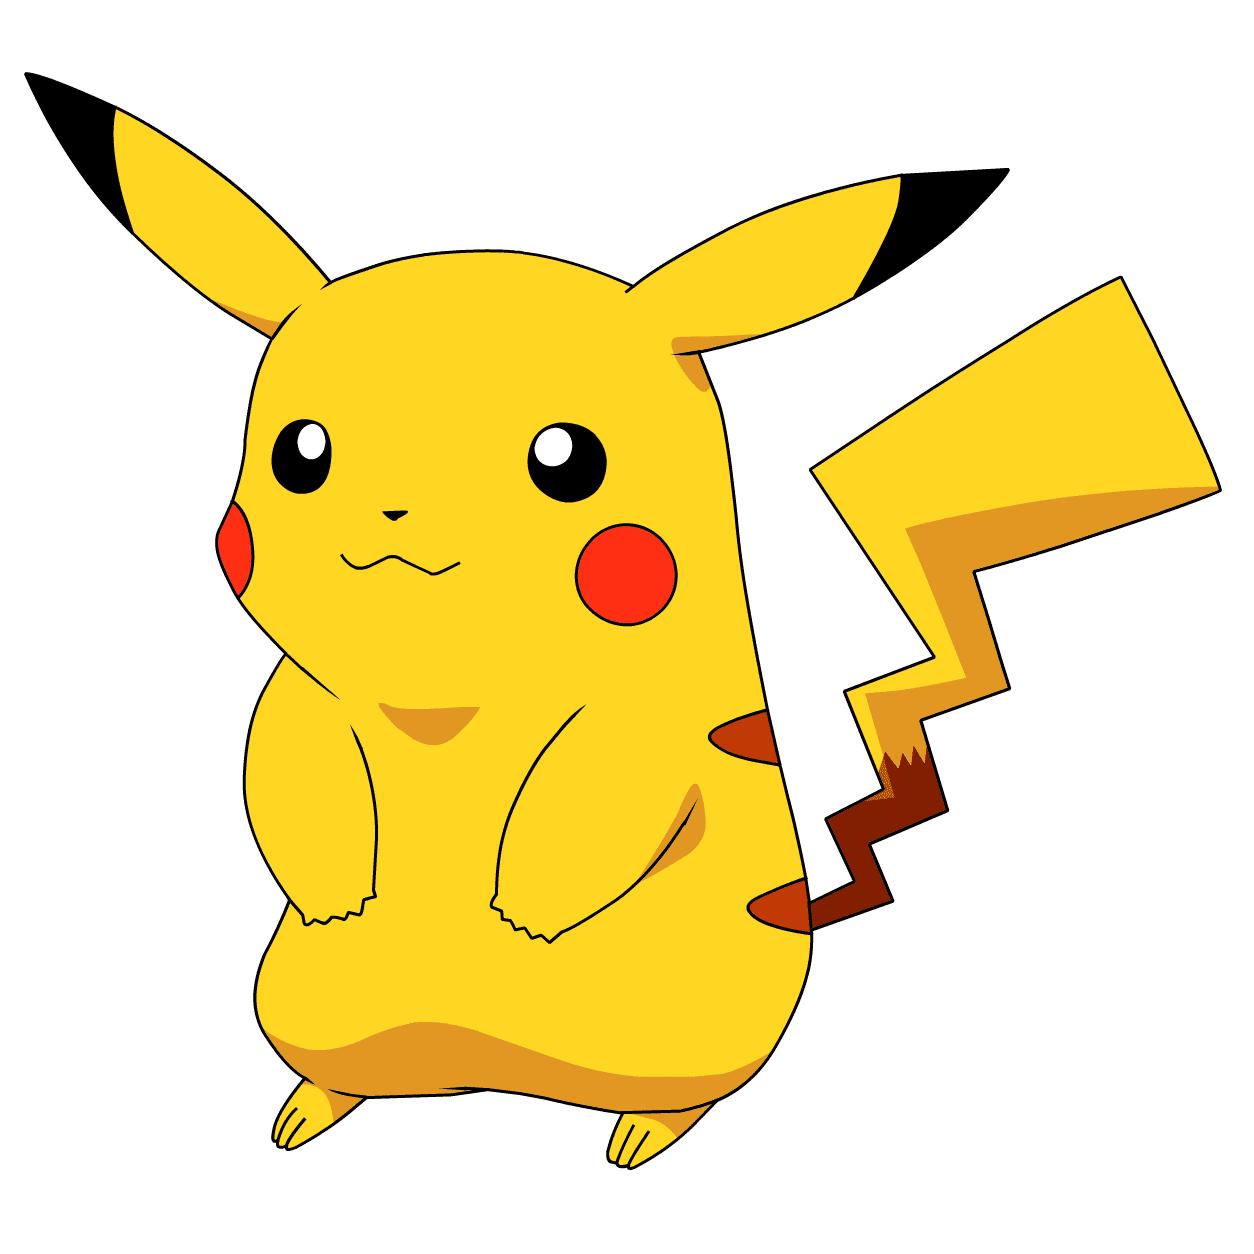 Tải hình pikachu miễn phí về điện thoại